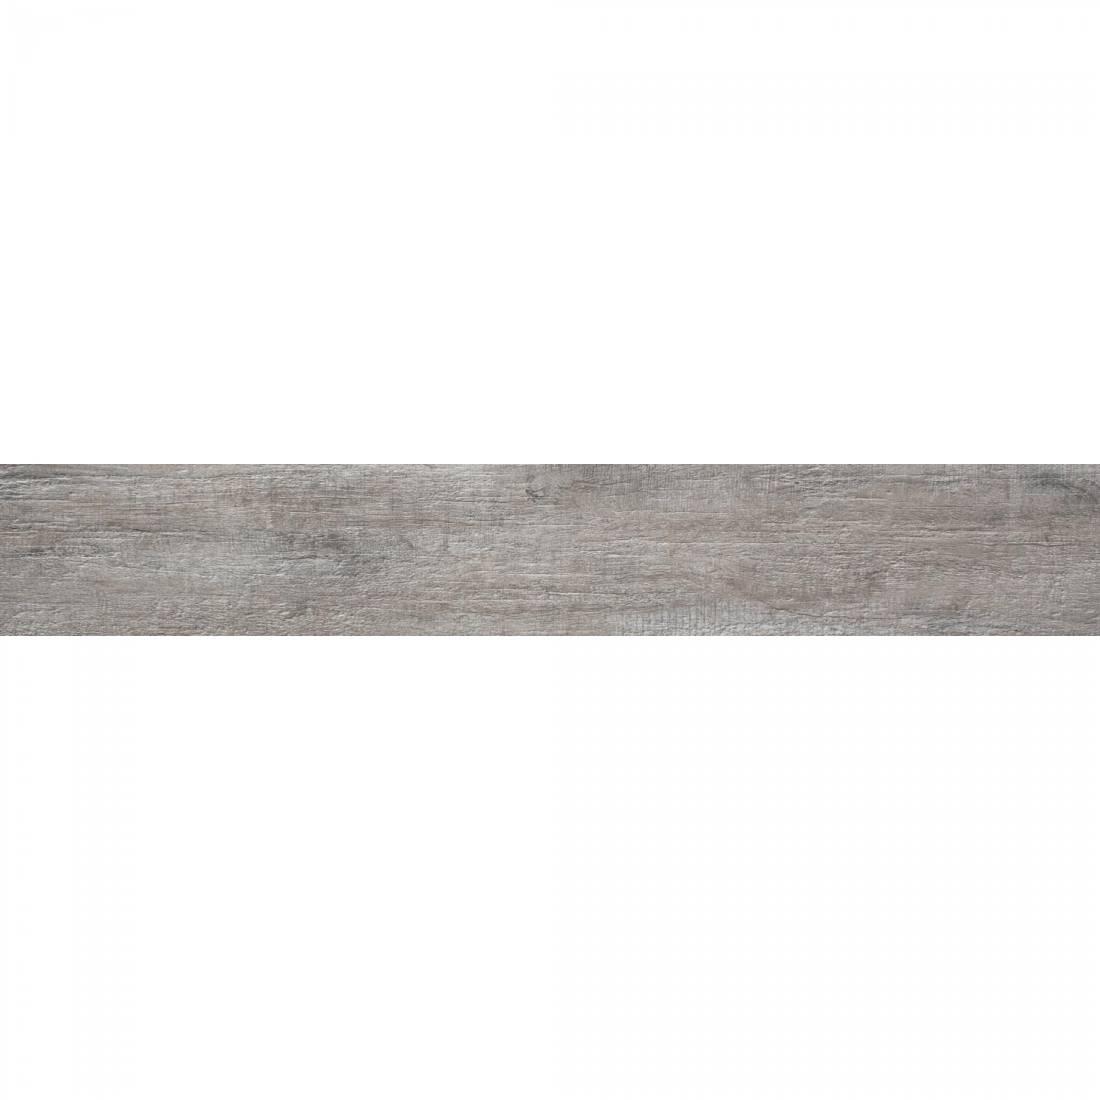 Home Wood 15x90 Ballylow Grey Matt 1